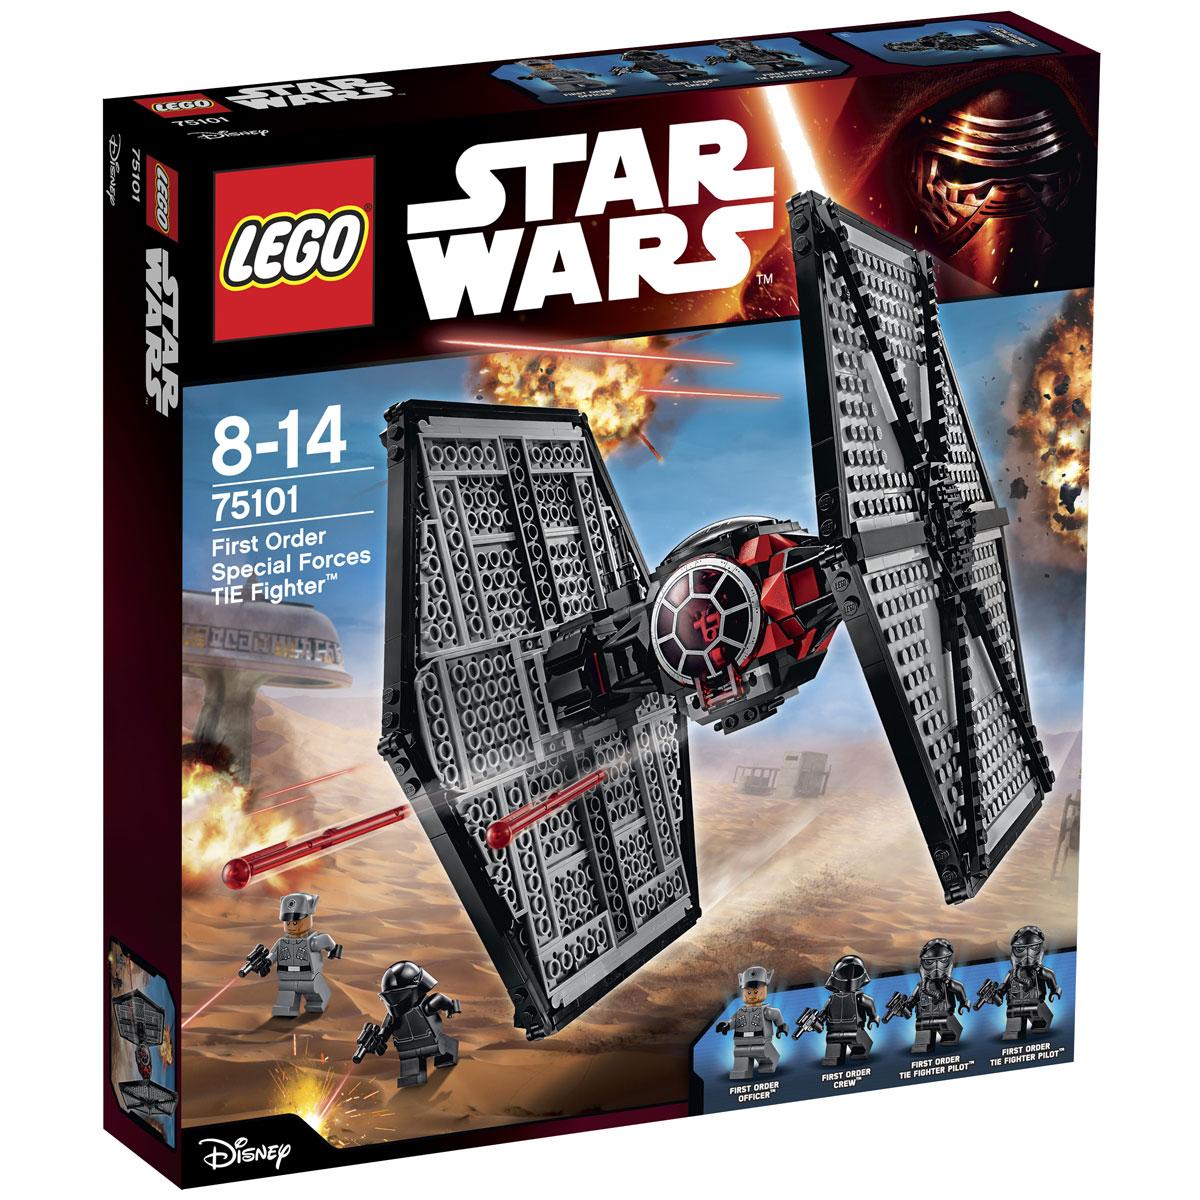 LEGO Star Wars Конструктор Истребитель особых войск Первого Ордена 75101